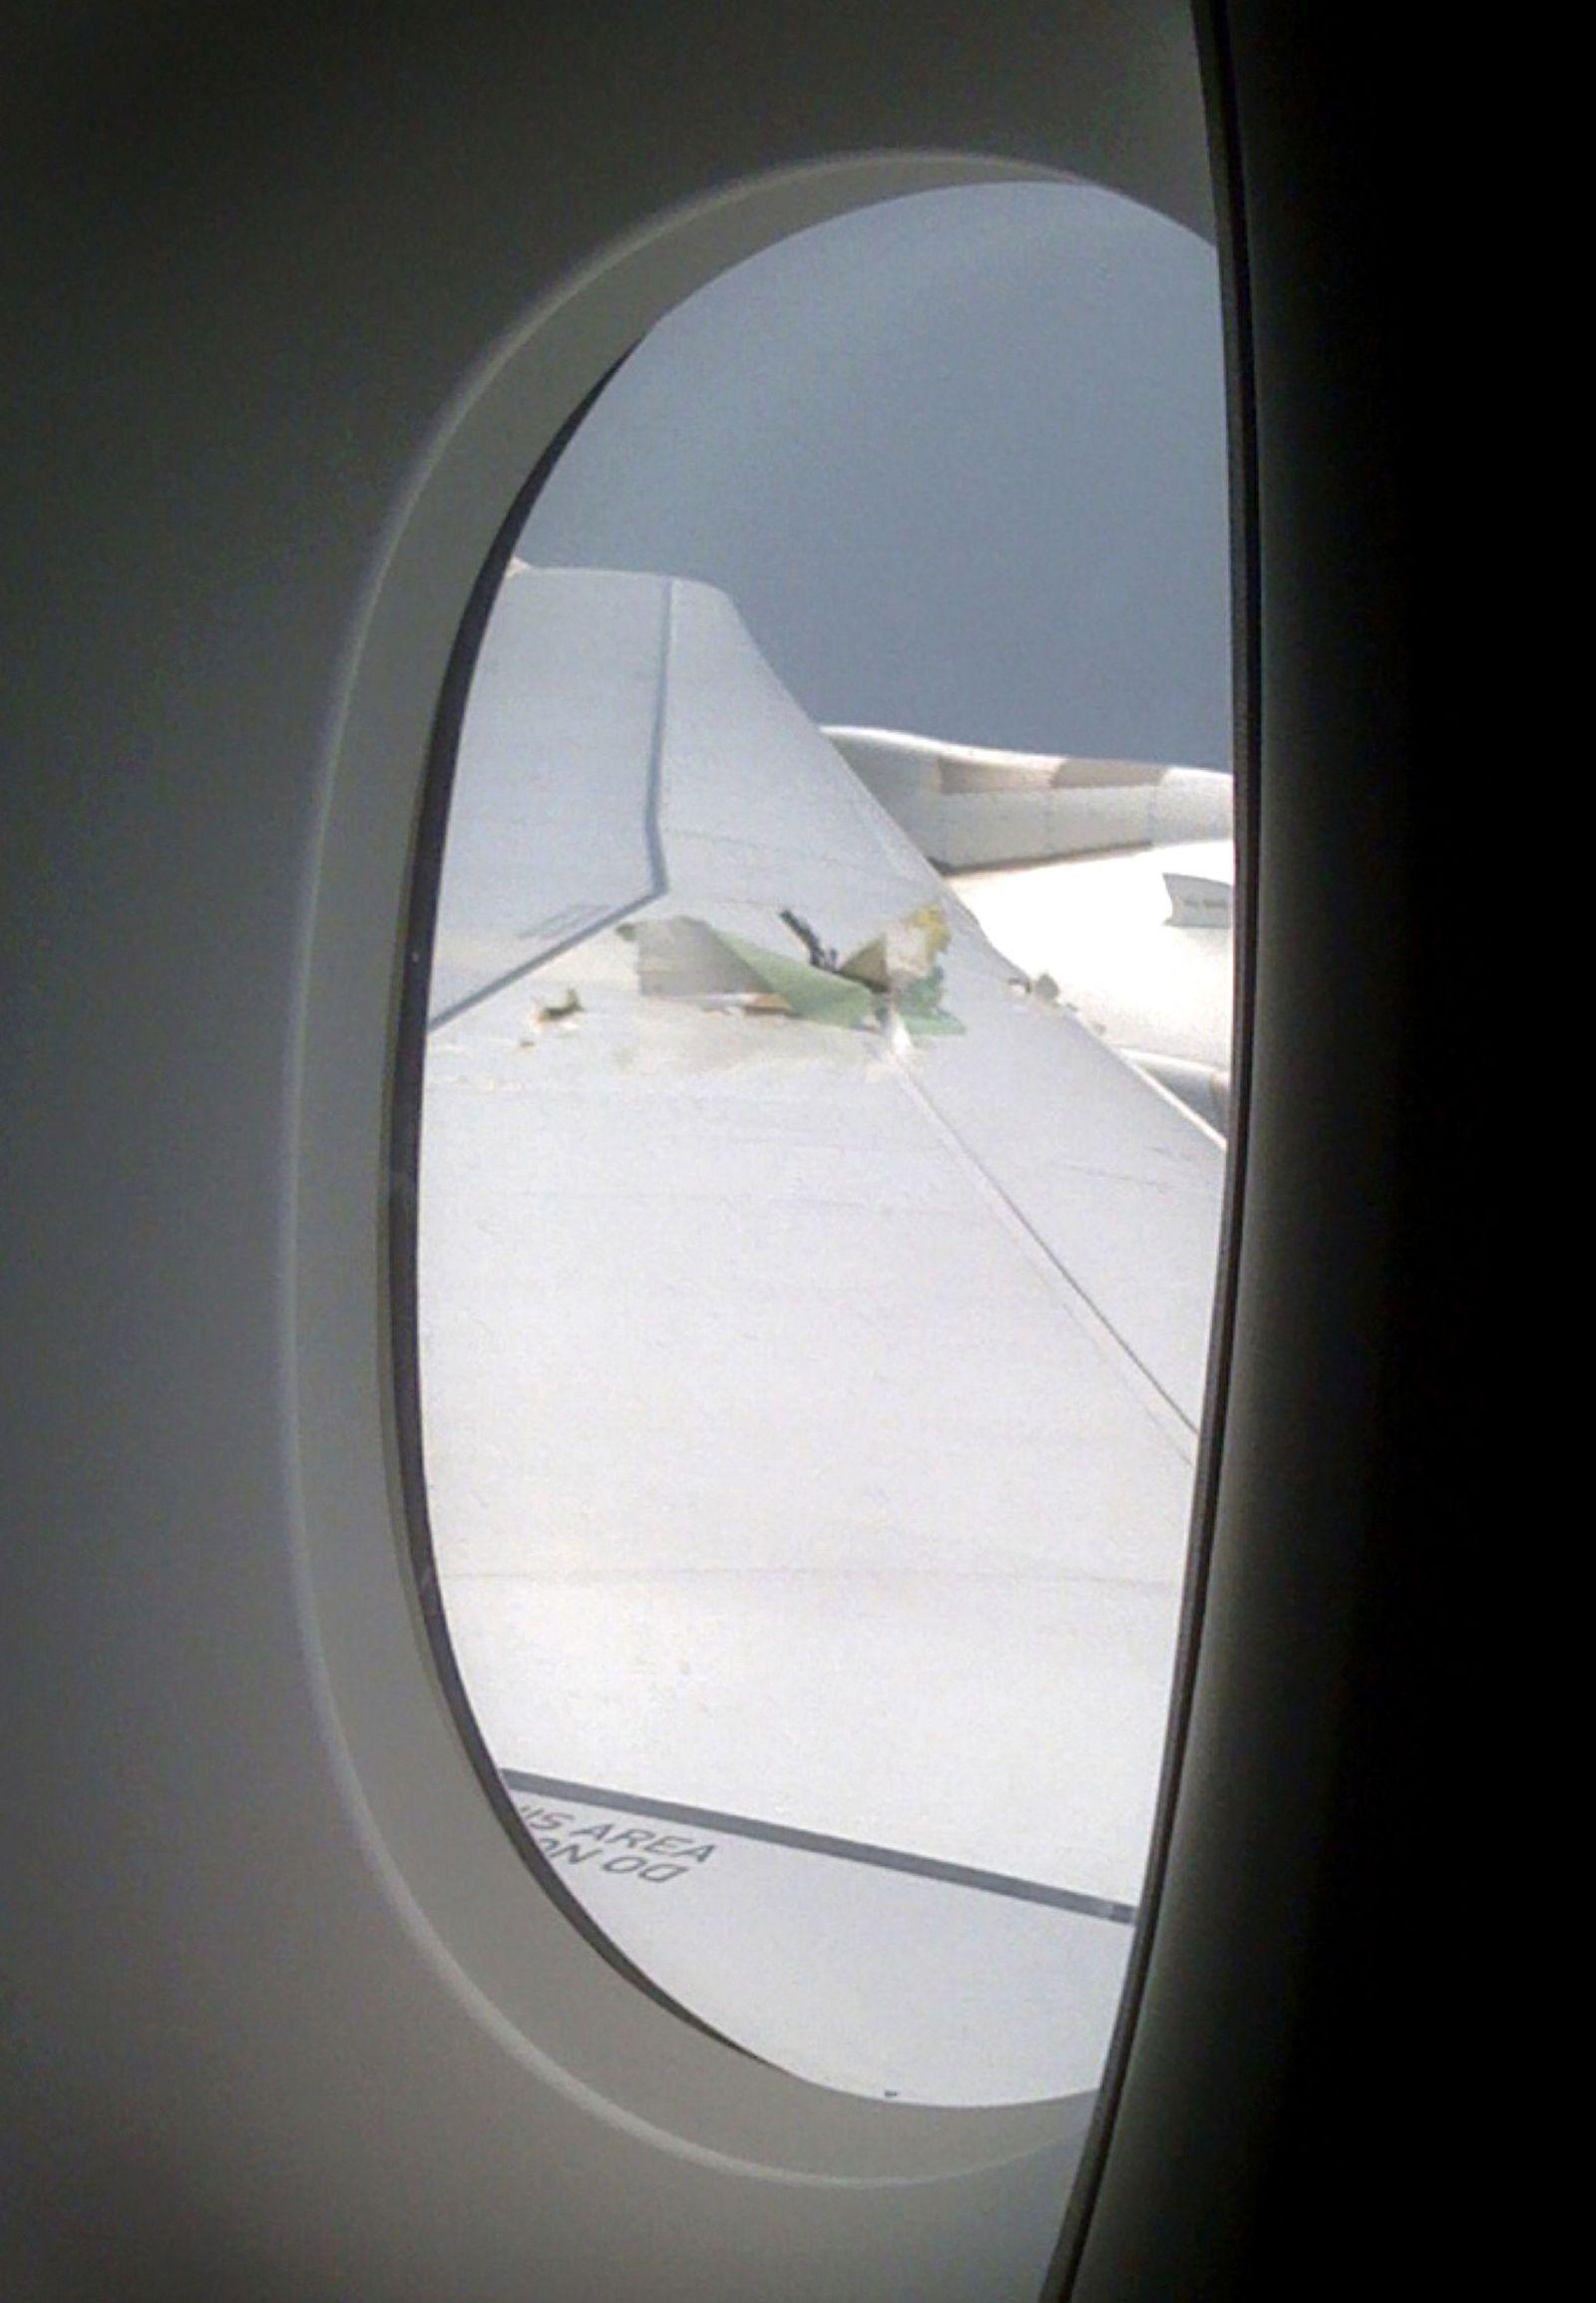 Singapore Qantas Emergency